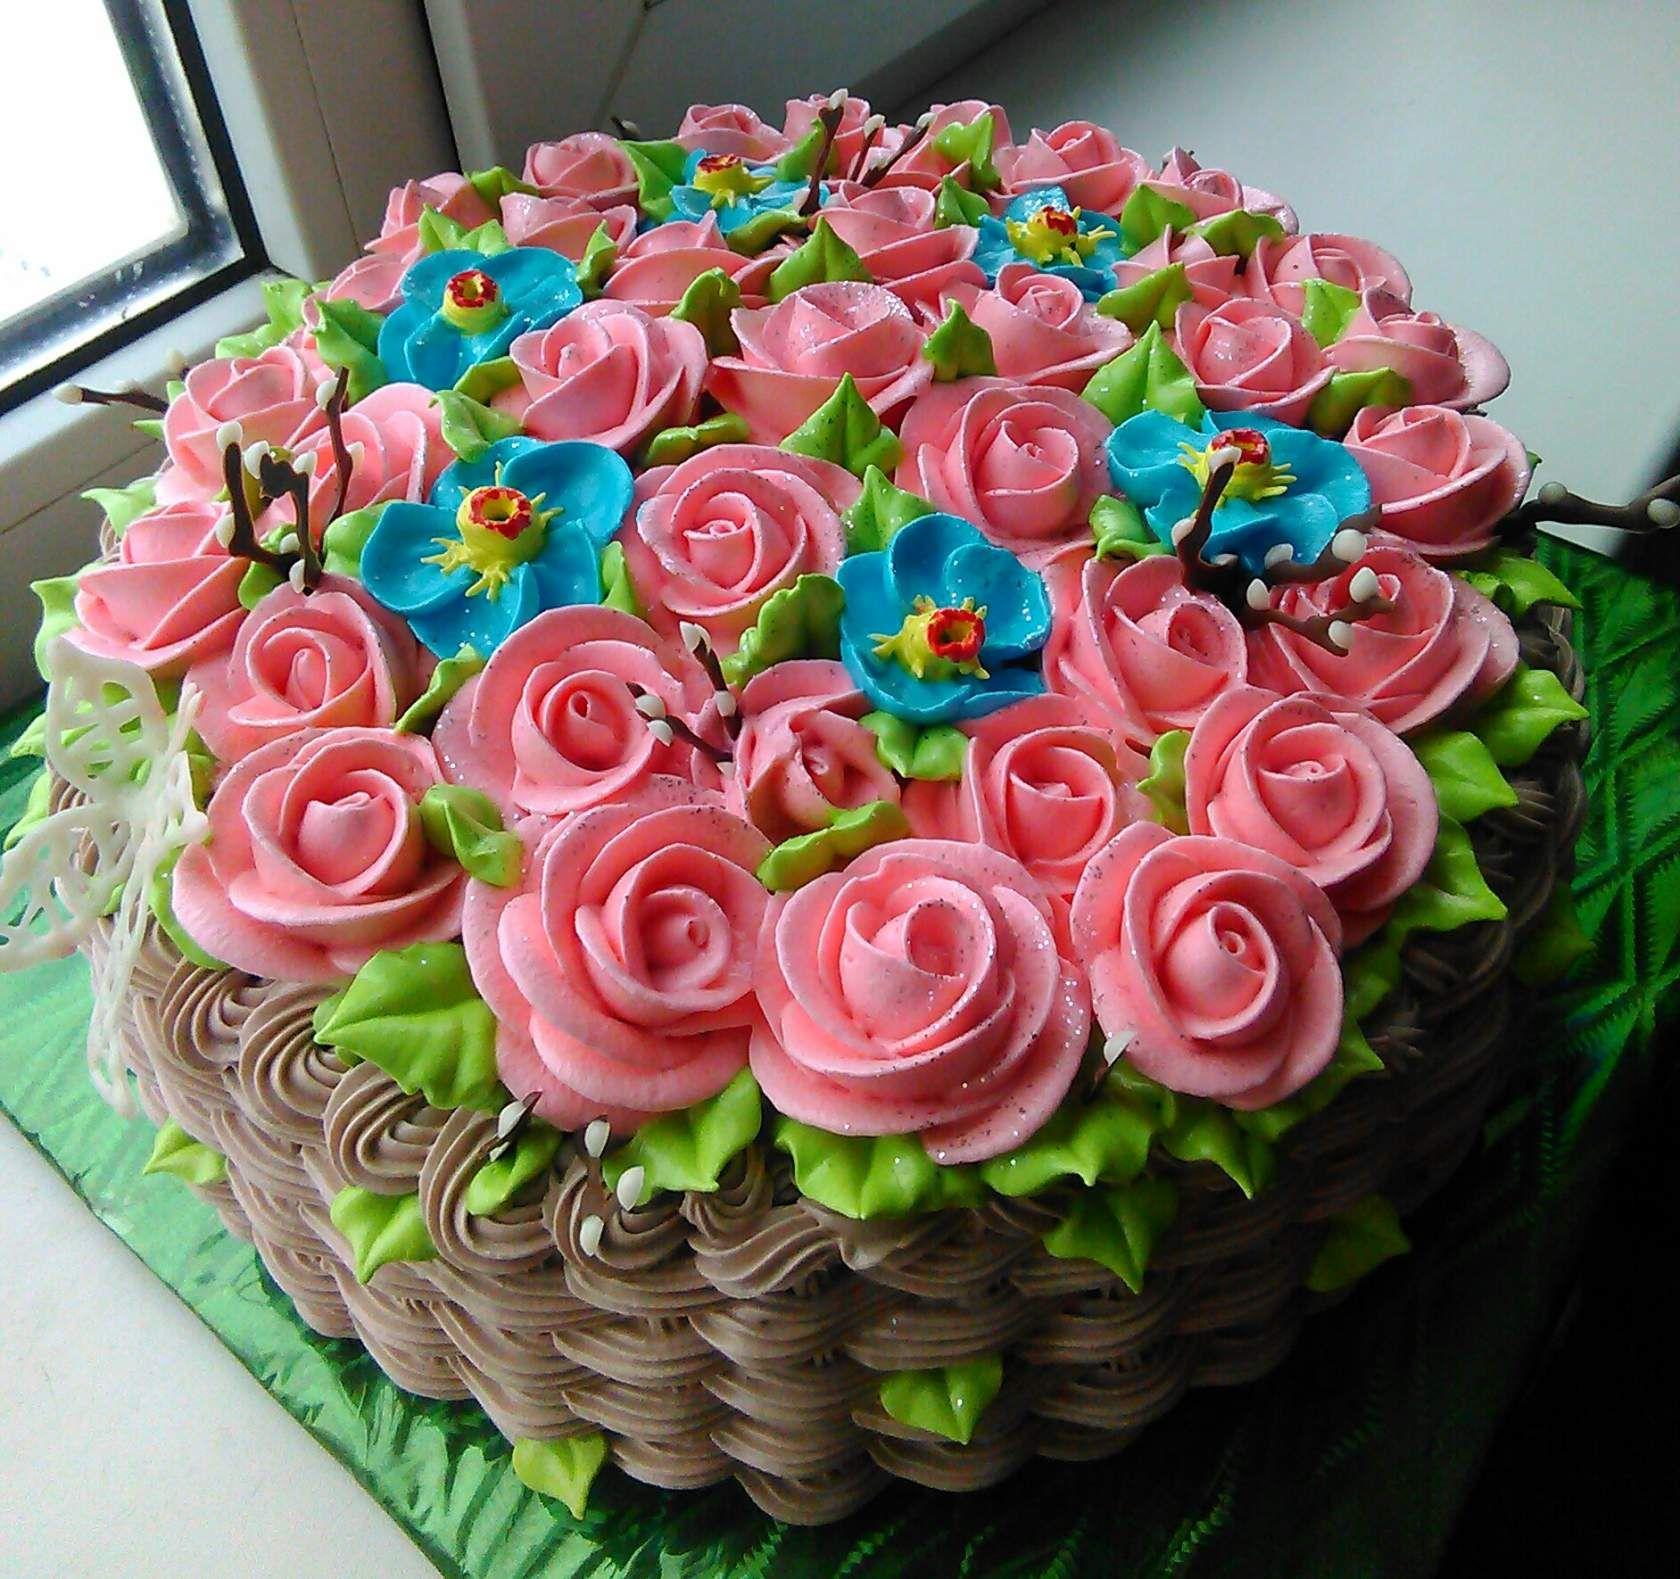 выбора торты с белковым кремом картинки тортов актриса придает